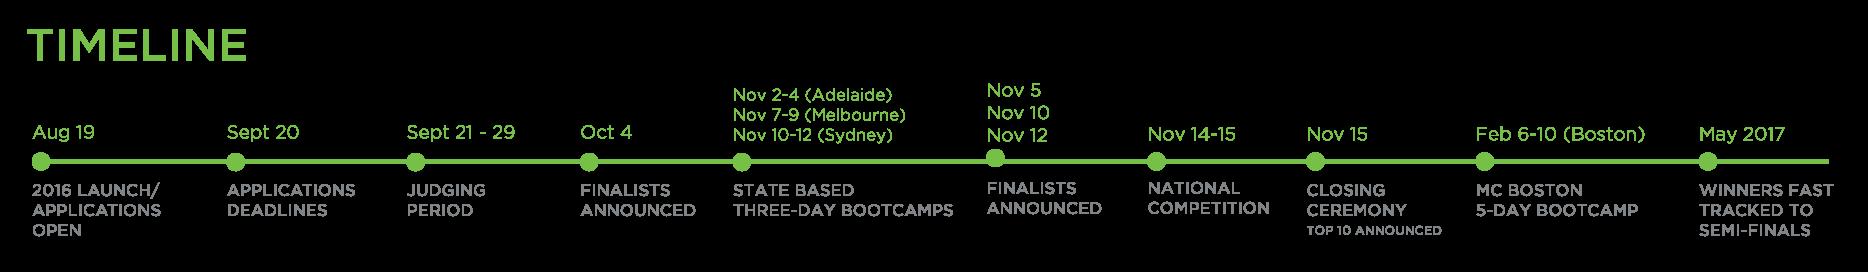 Australia timeline_update-01.png